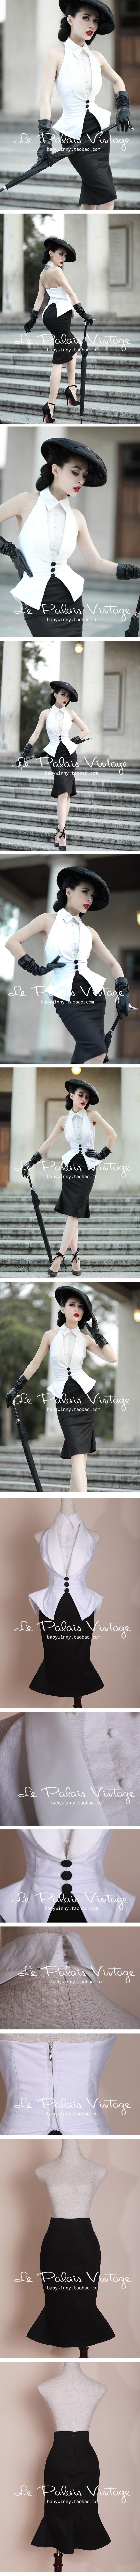 le palais vintage优雅50年代黑白修身露背鱼尾裙套装 吸烟装 0.4-淘宝网